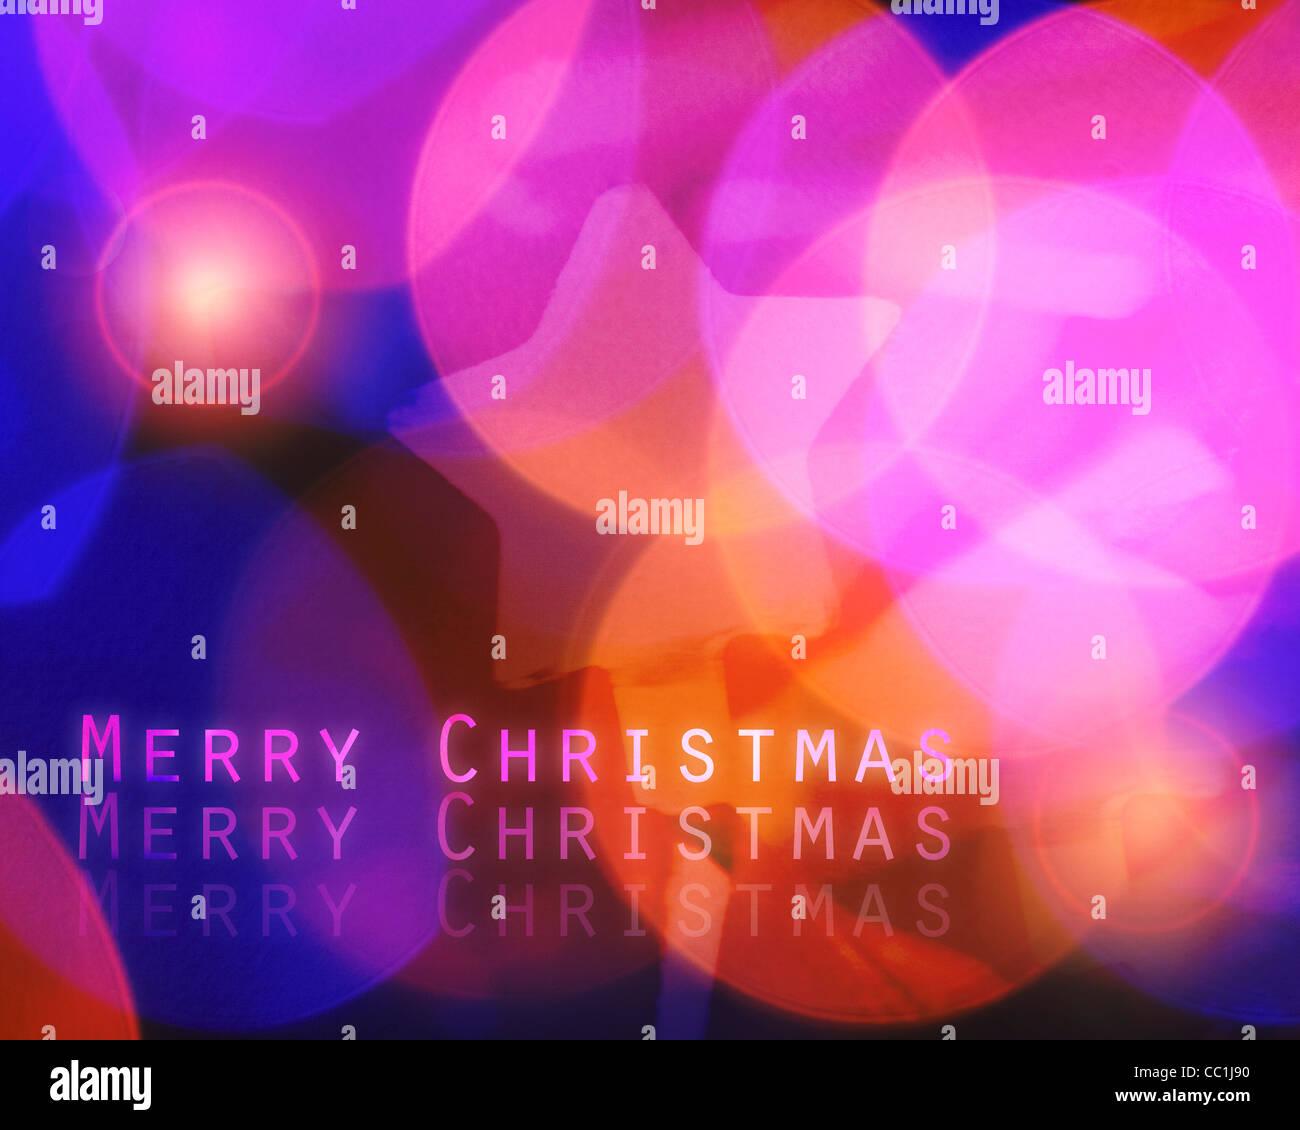 Concepto de Navidad: ¡Feliz Navidad! Imagen De Stock